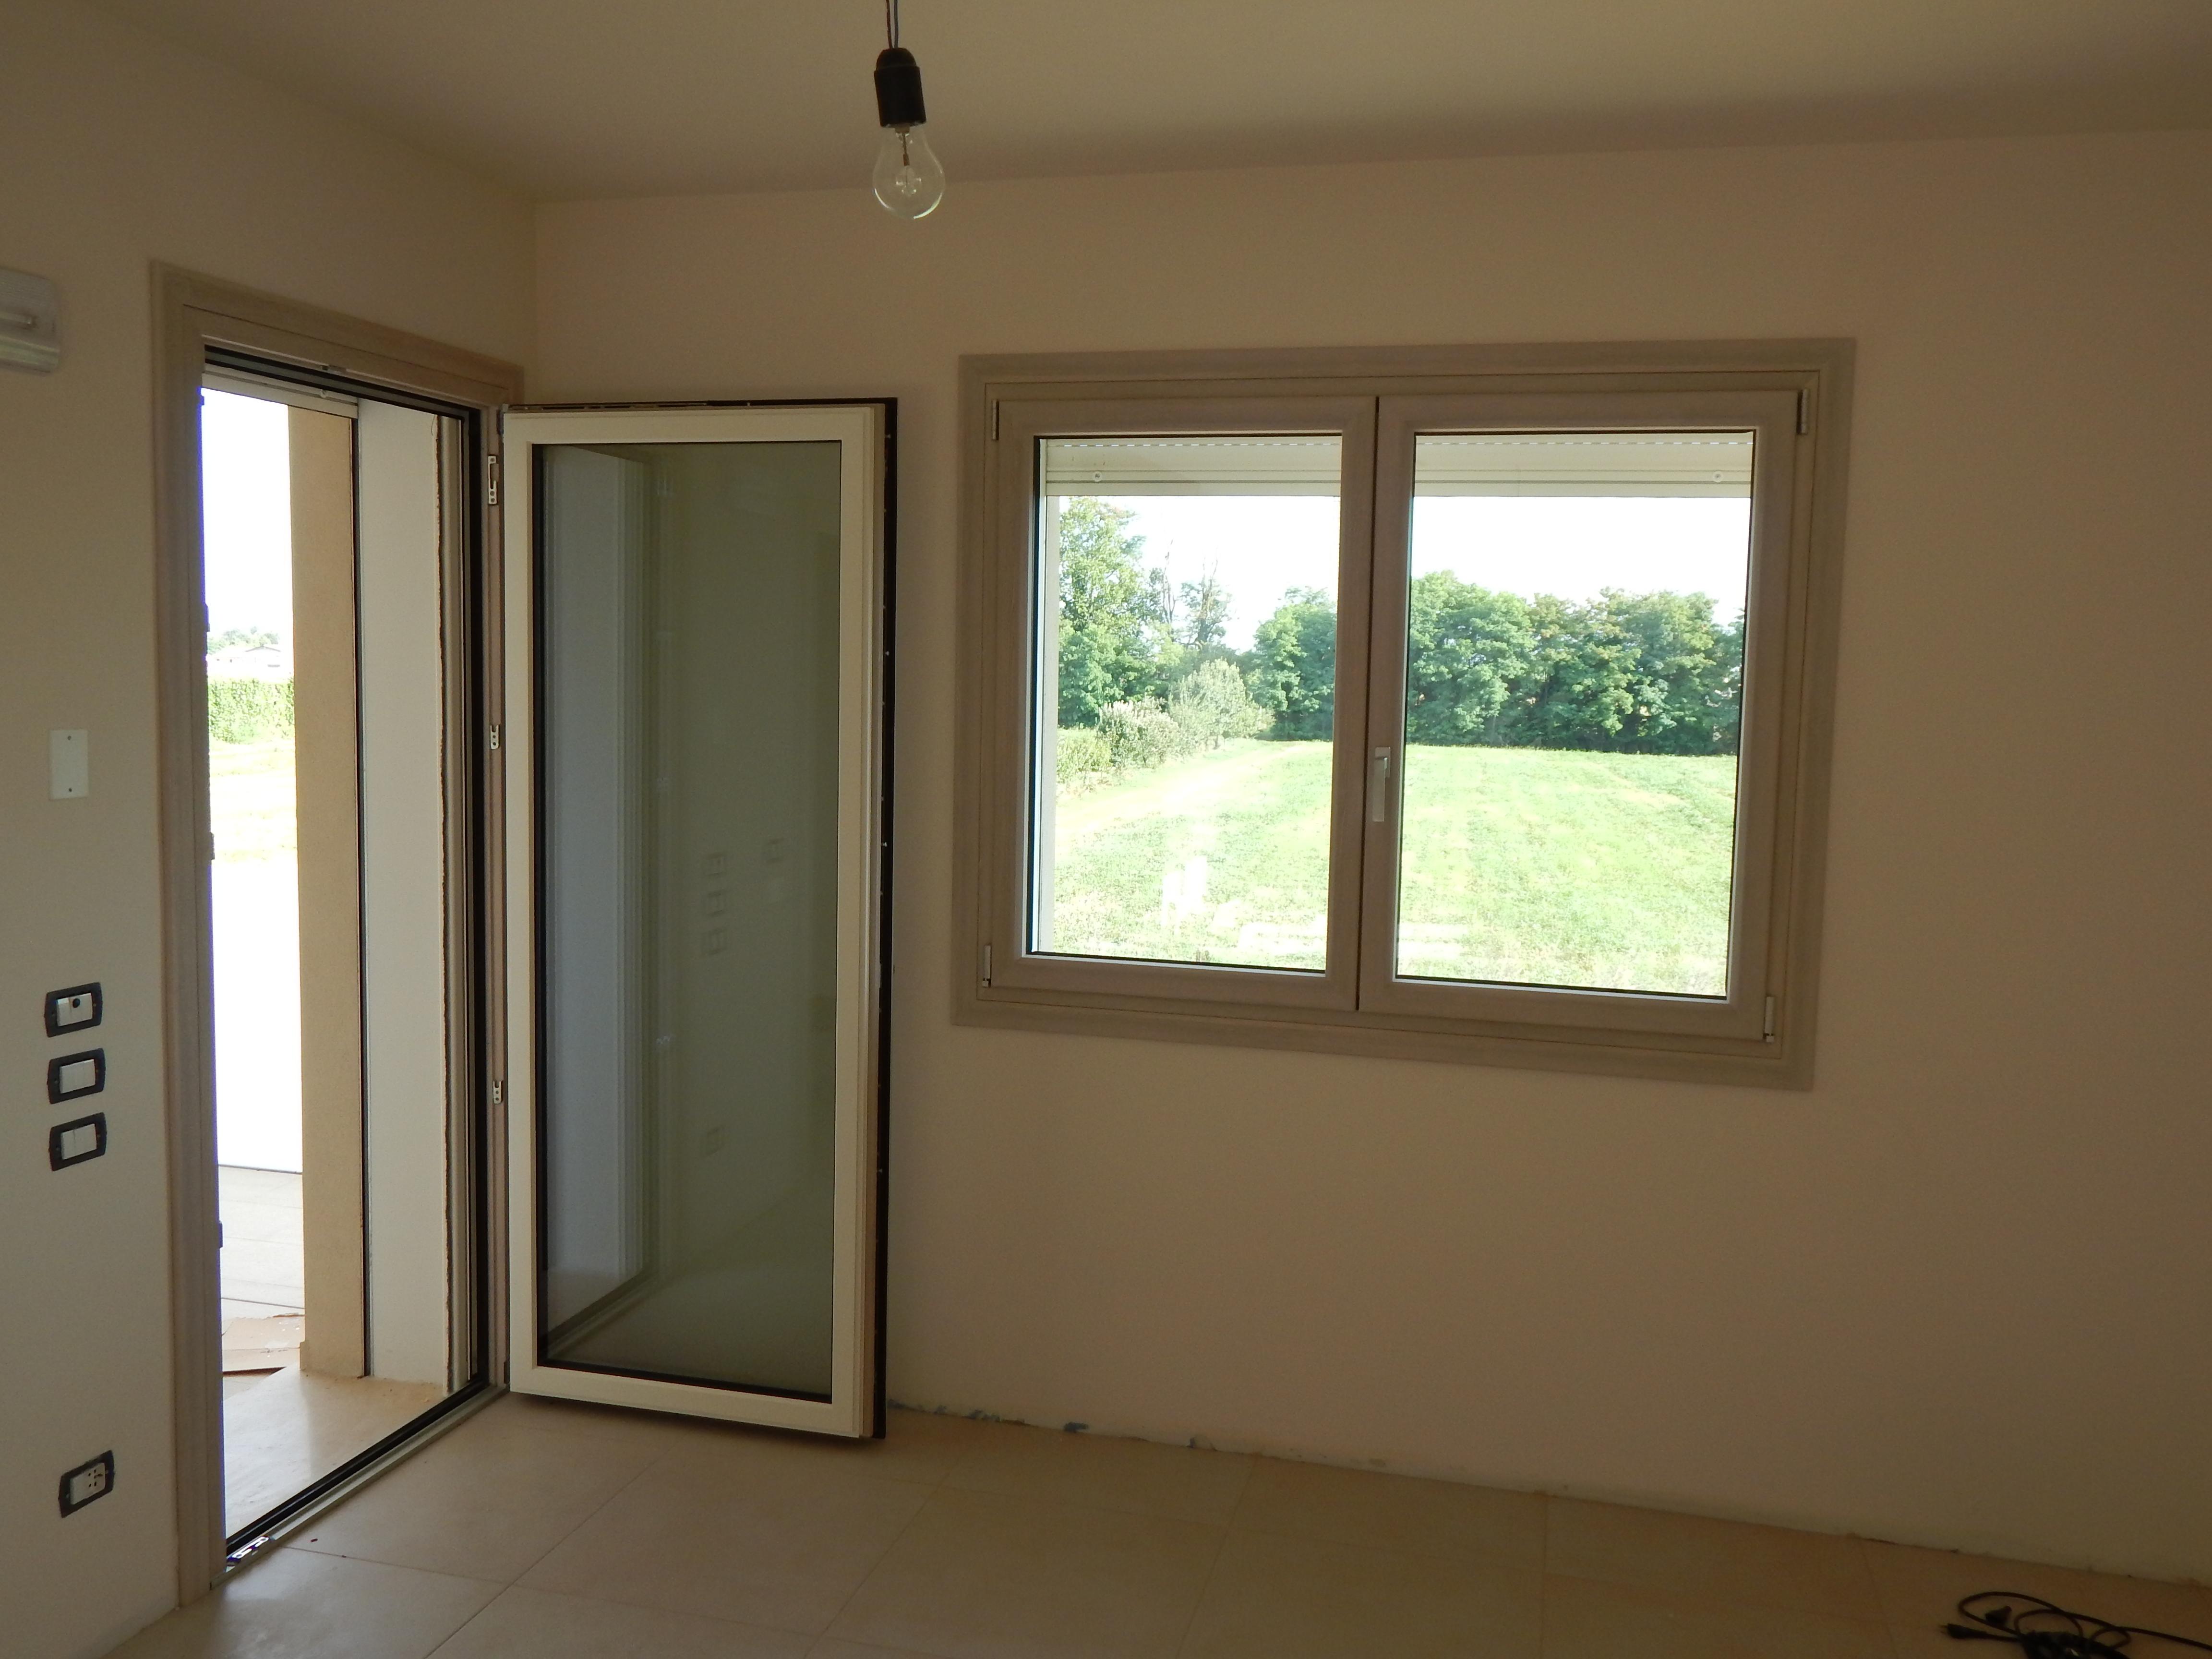 Misure standard finestre e stunning dimensioni dei for Dimensioni standard finestre